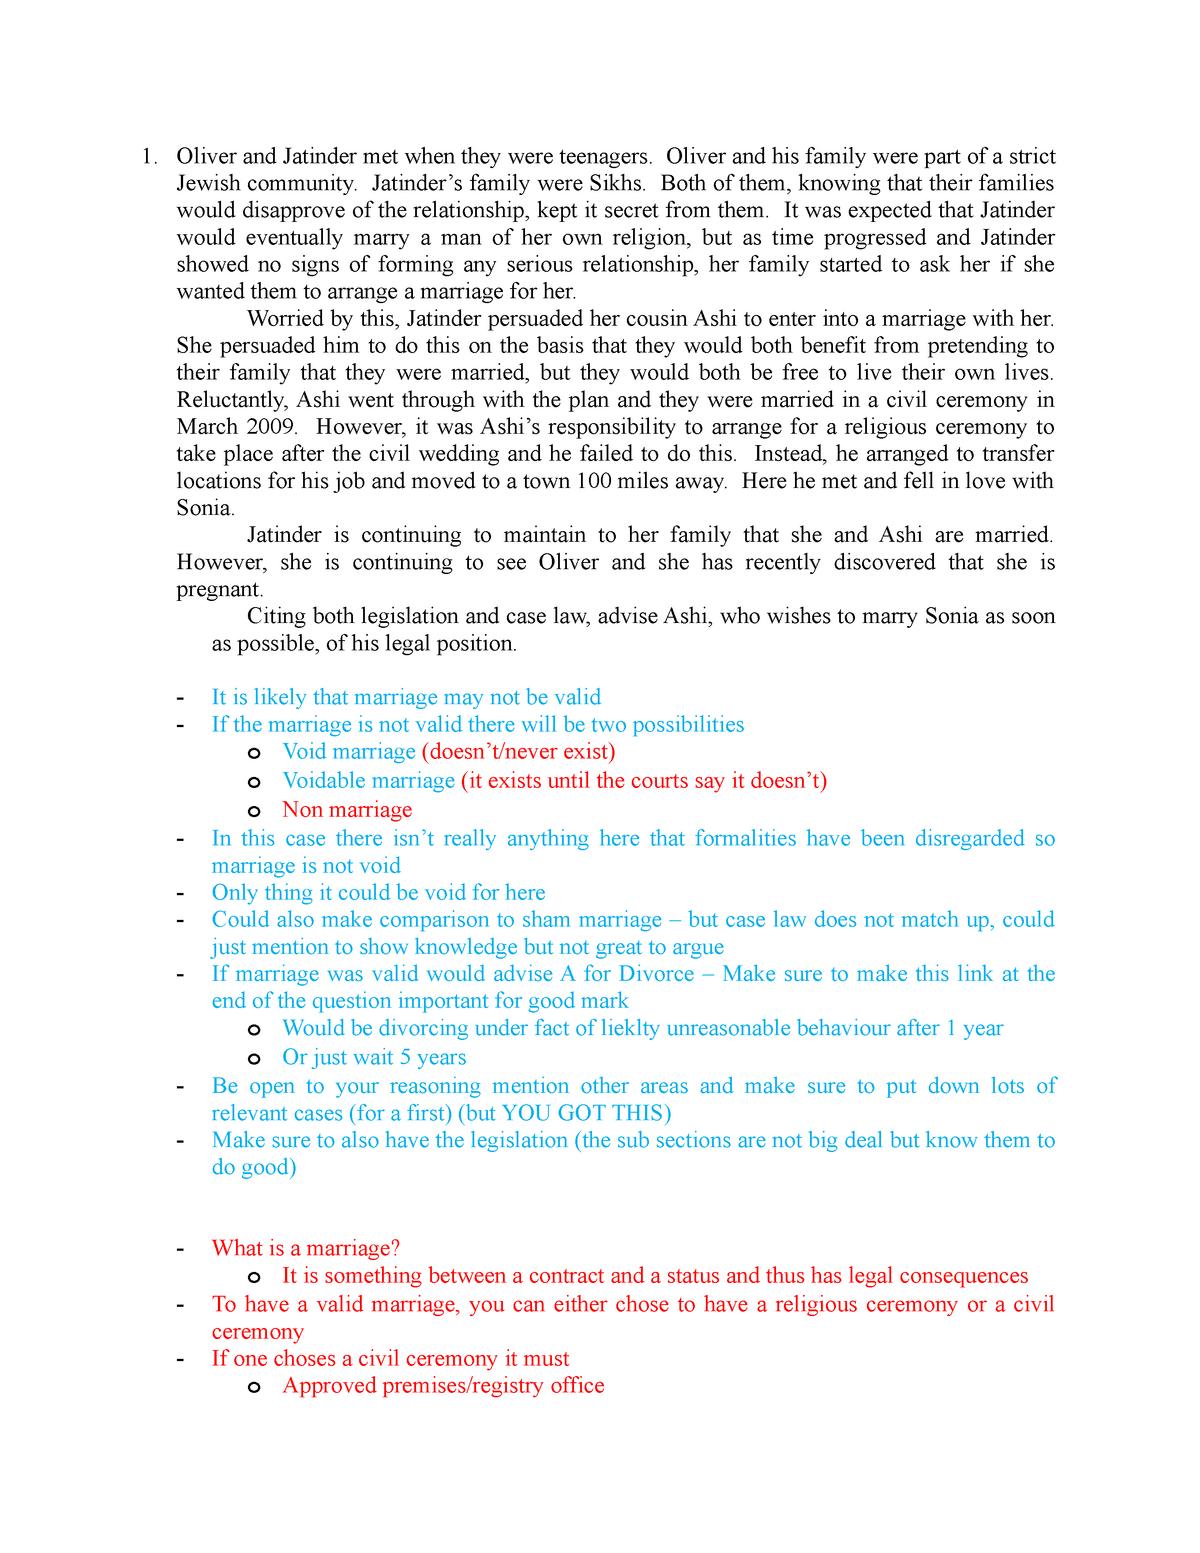 Tutorial 2- Family Law - LW2250: Family Law - StuDocu